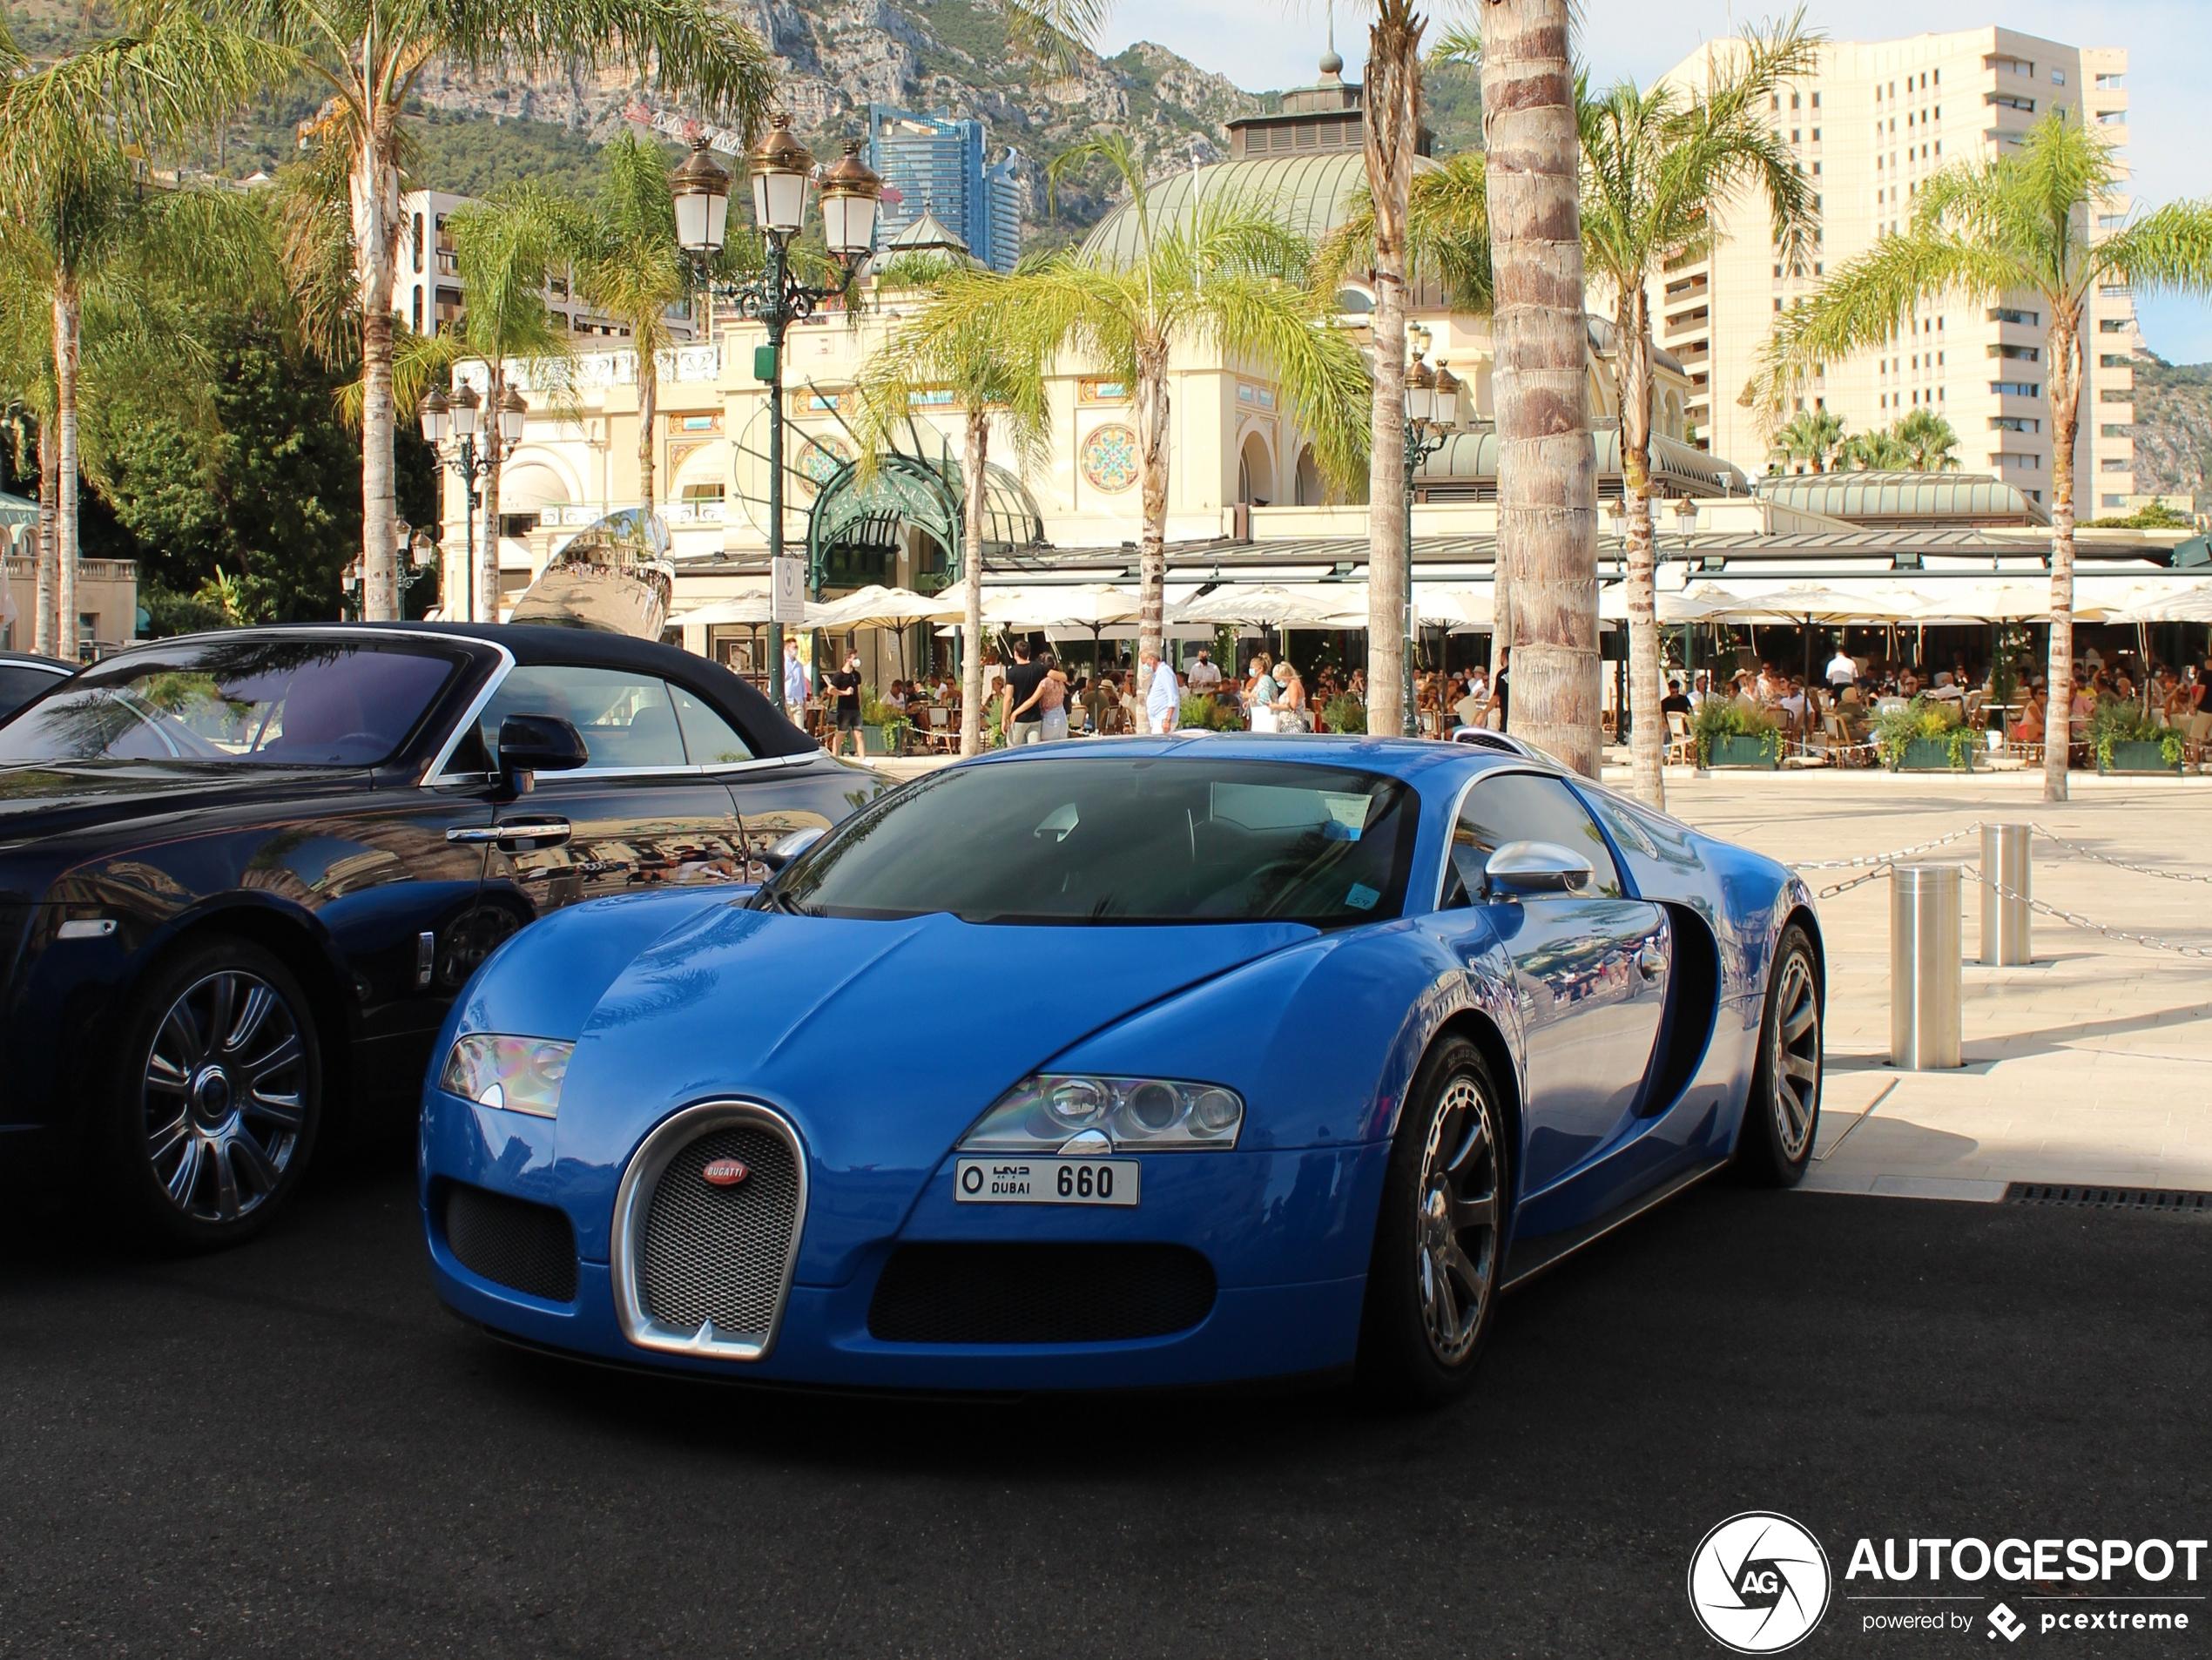 Bugatti Veyron 16.4 Ettore Bugatti Edition